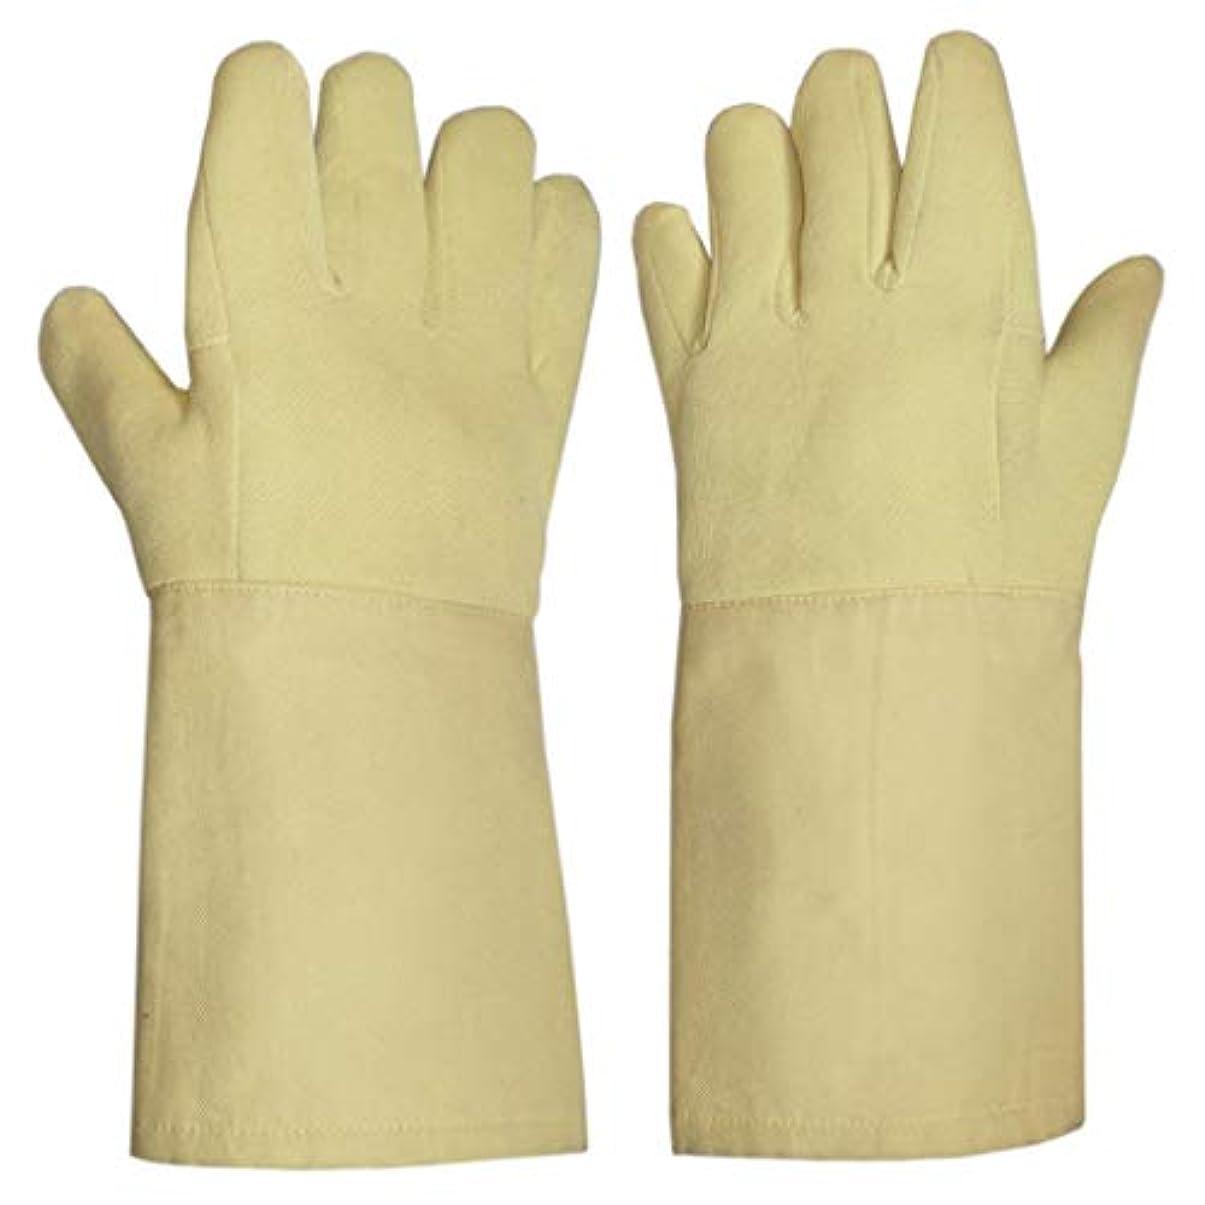 ファイナンス分解する小数LIUXIN カットプルーフ高温耐性手袋労働保護手袋切断保護手袋絶縁防滑性滑り止め14.5 * 38センチ ゴム手袋